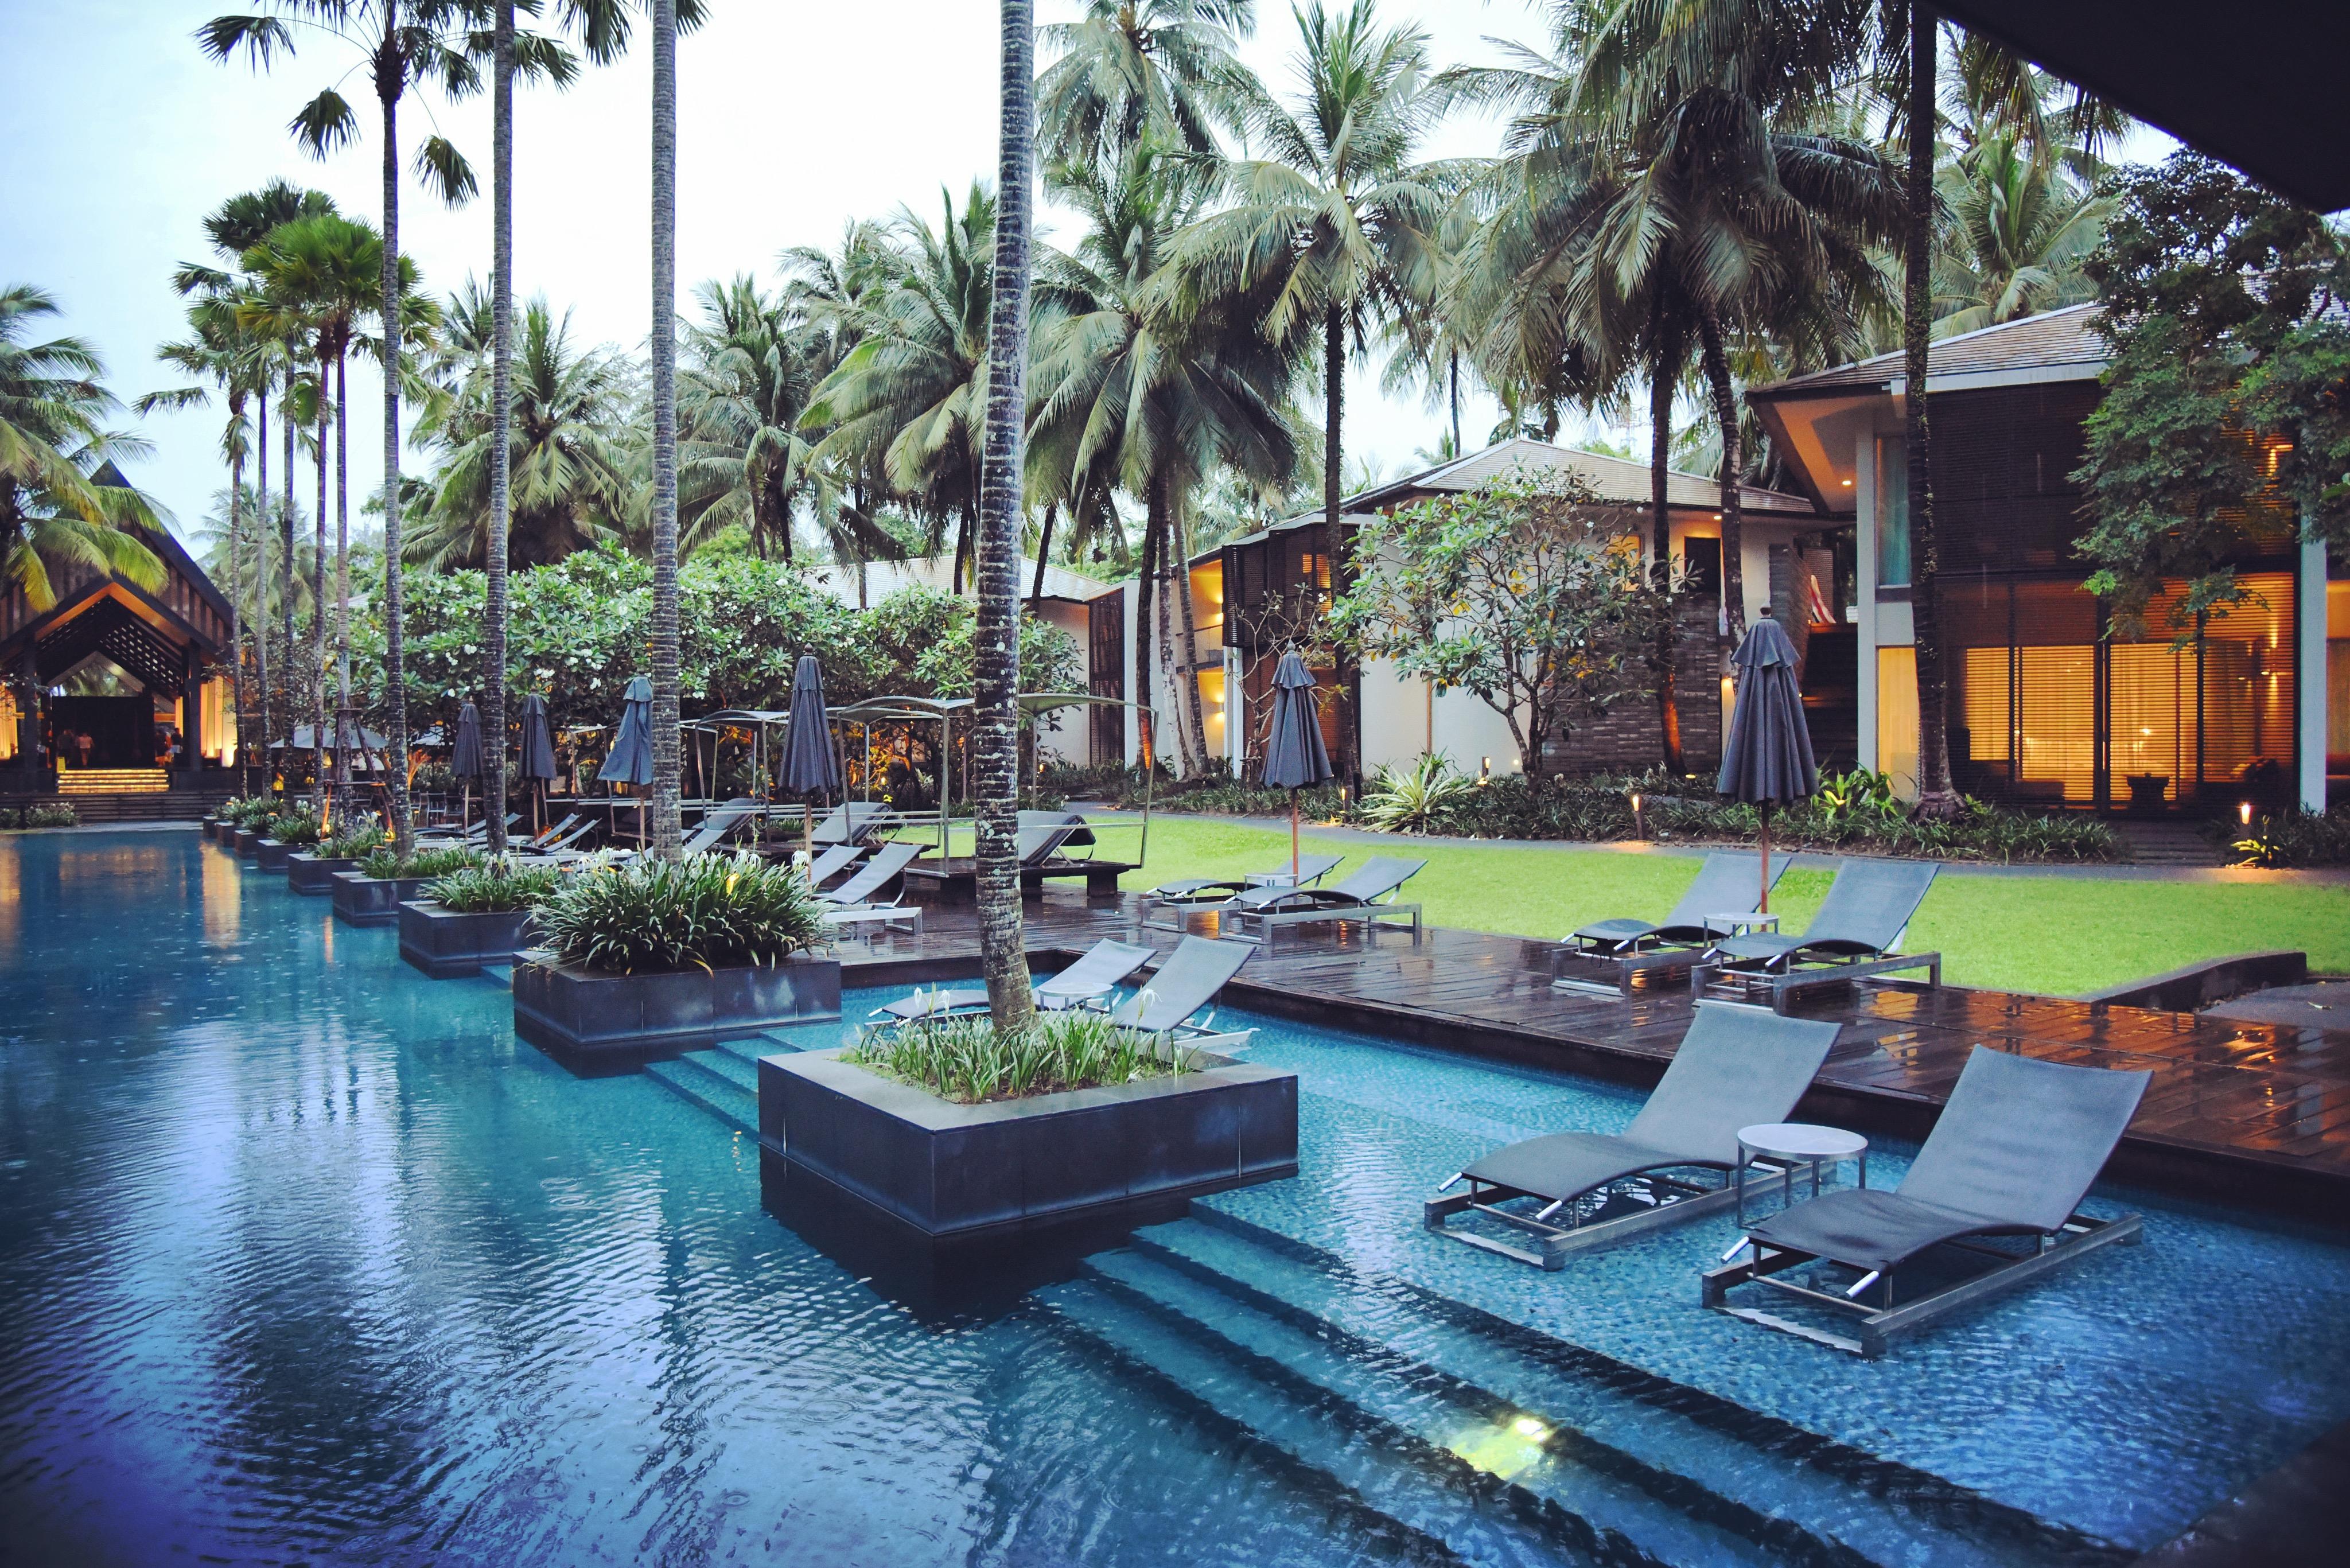 Un Suédois en Thaïlande - thailande, hotels, asie